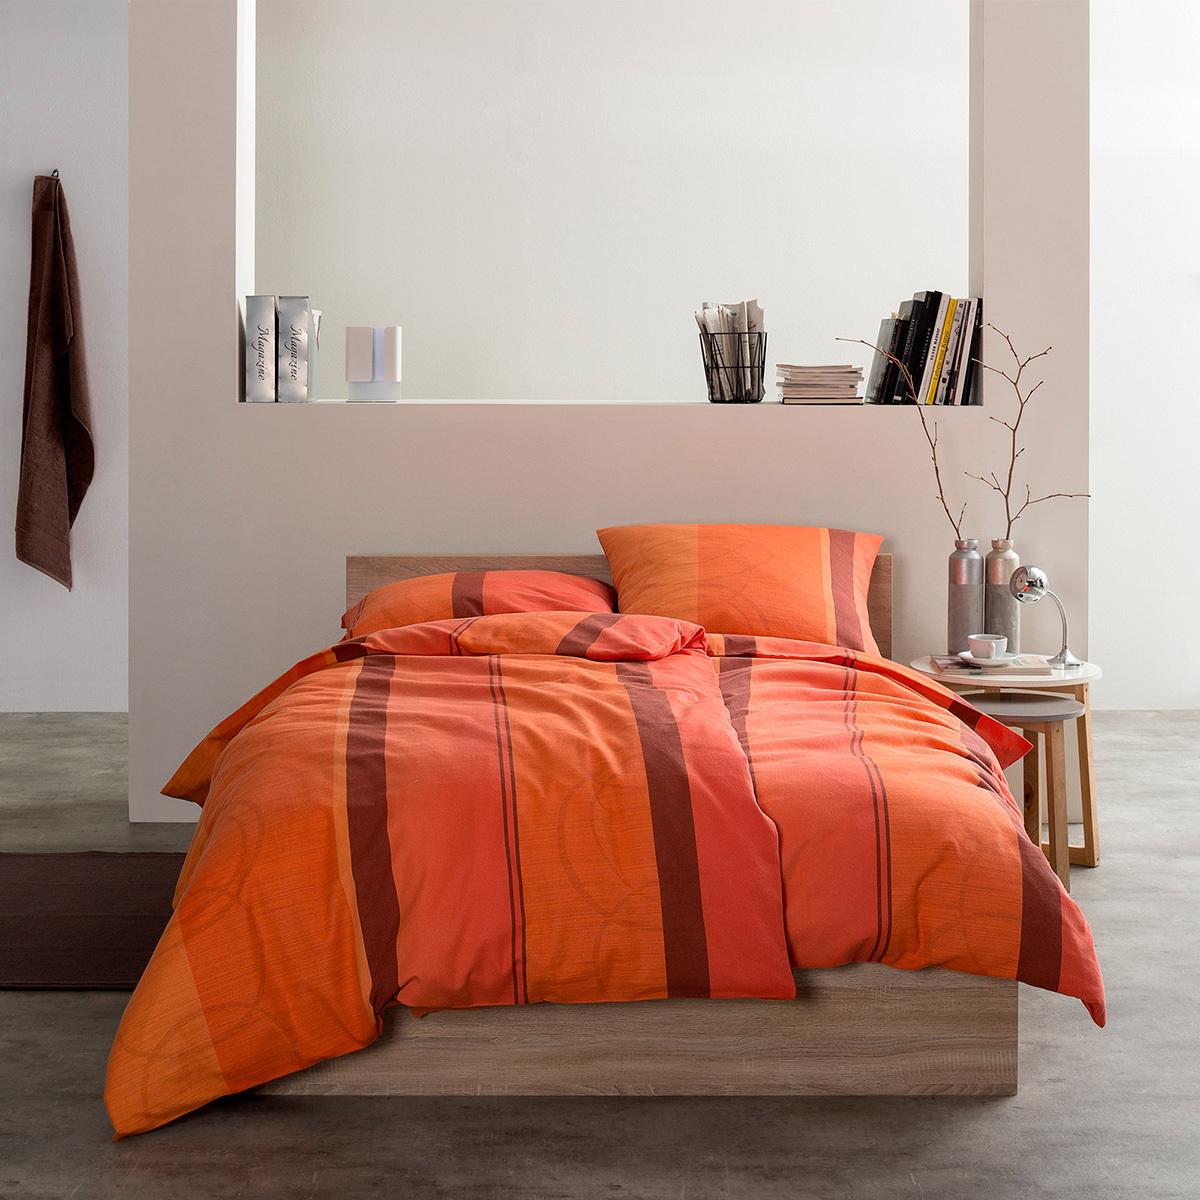 estella feinflanell bettw sche dolomiti orange g nstig online kaufen bei bettwaren shop. Black Bedroom Furniture Sets. Home Design Ideas